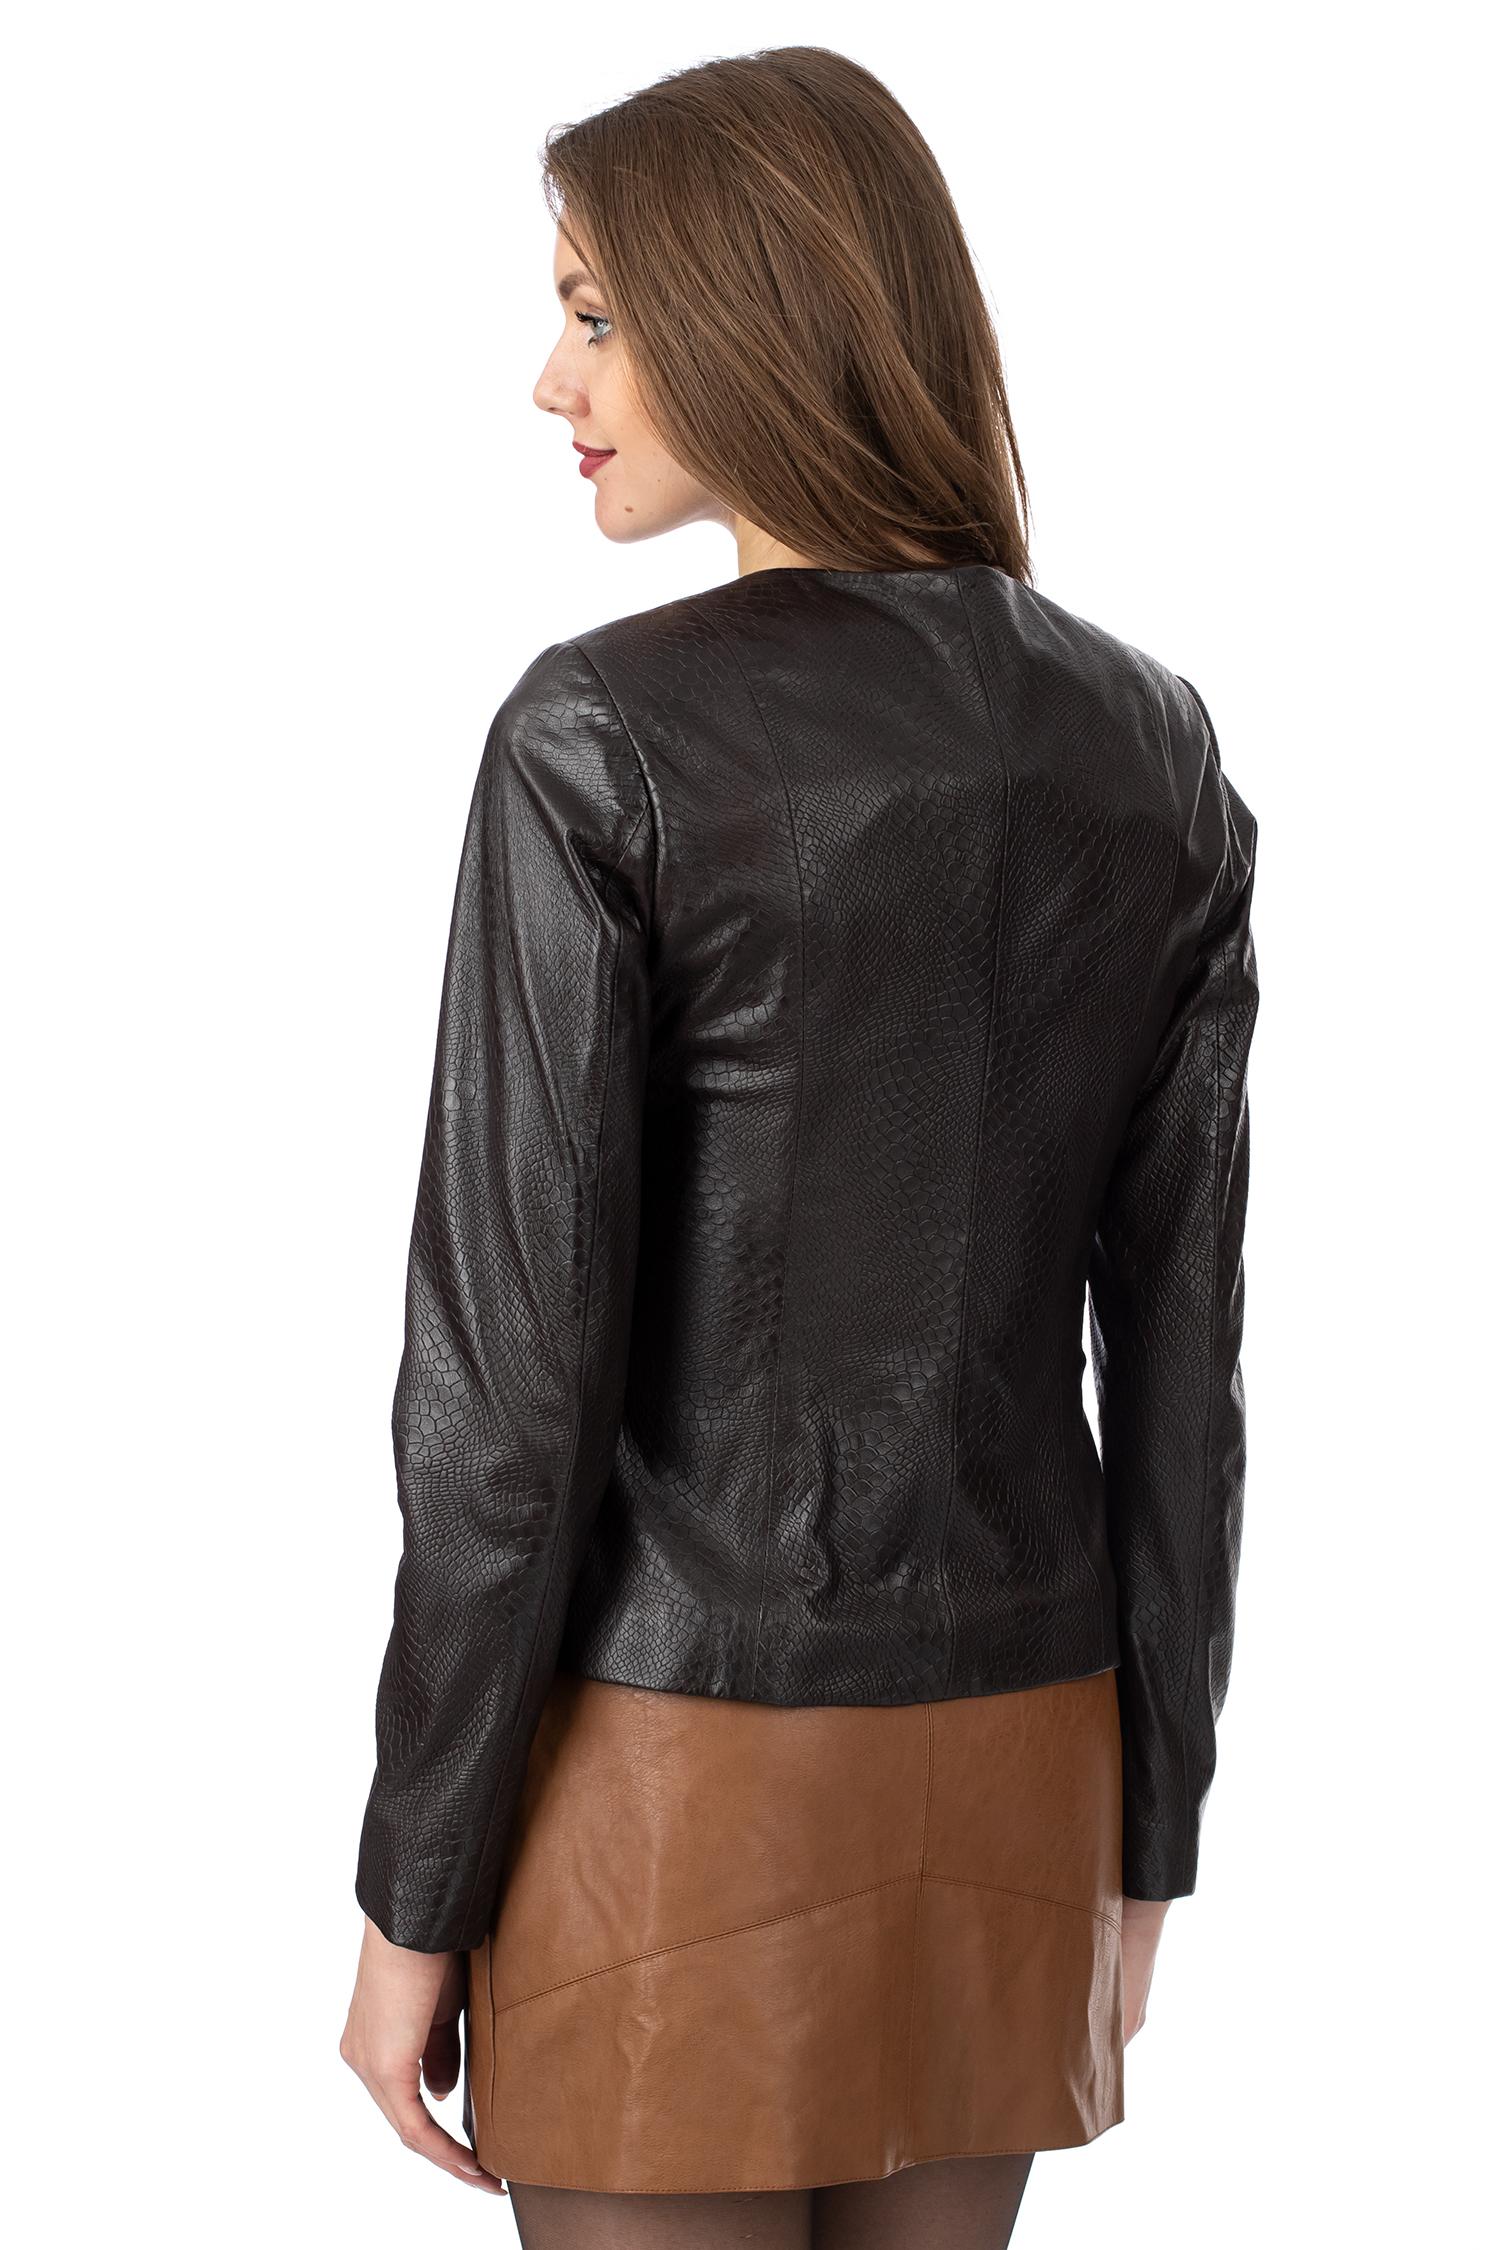 Фото 3 - Женская кожаная куртка из натуральной кожи без воротника от МОСМЕХА коричневого цвета